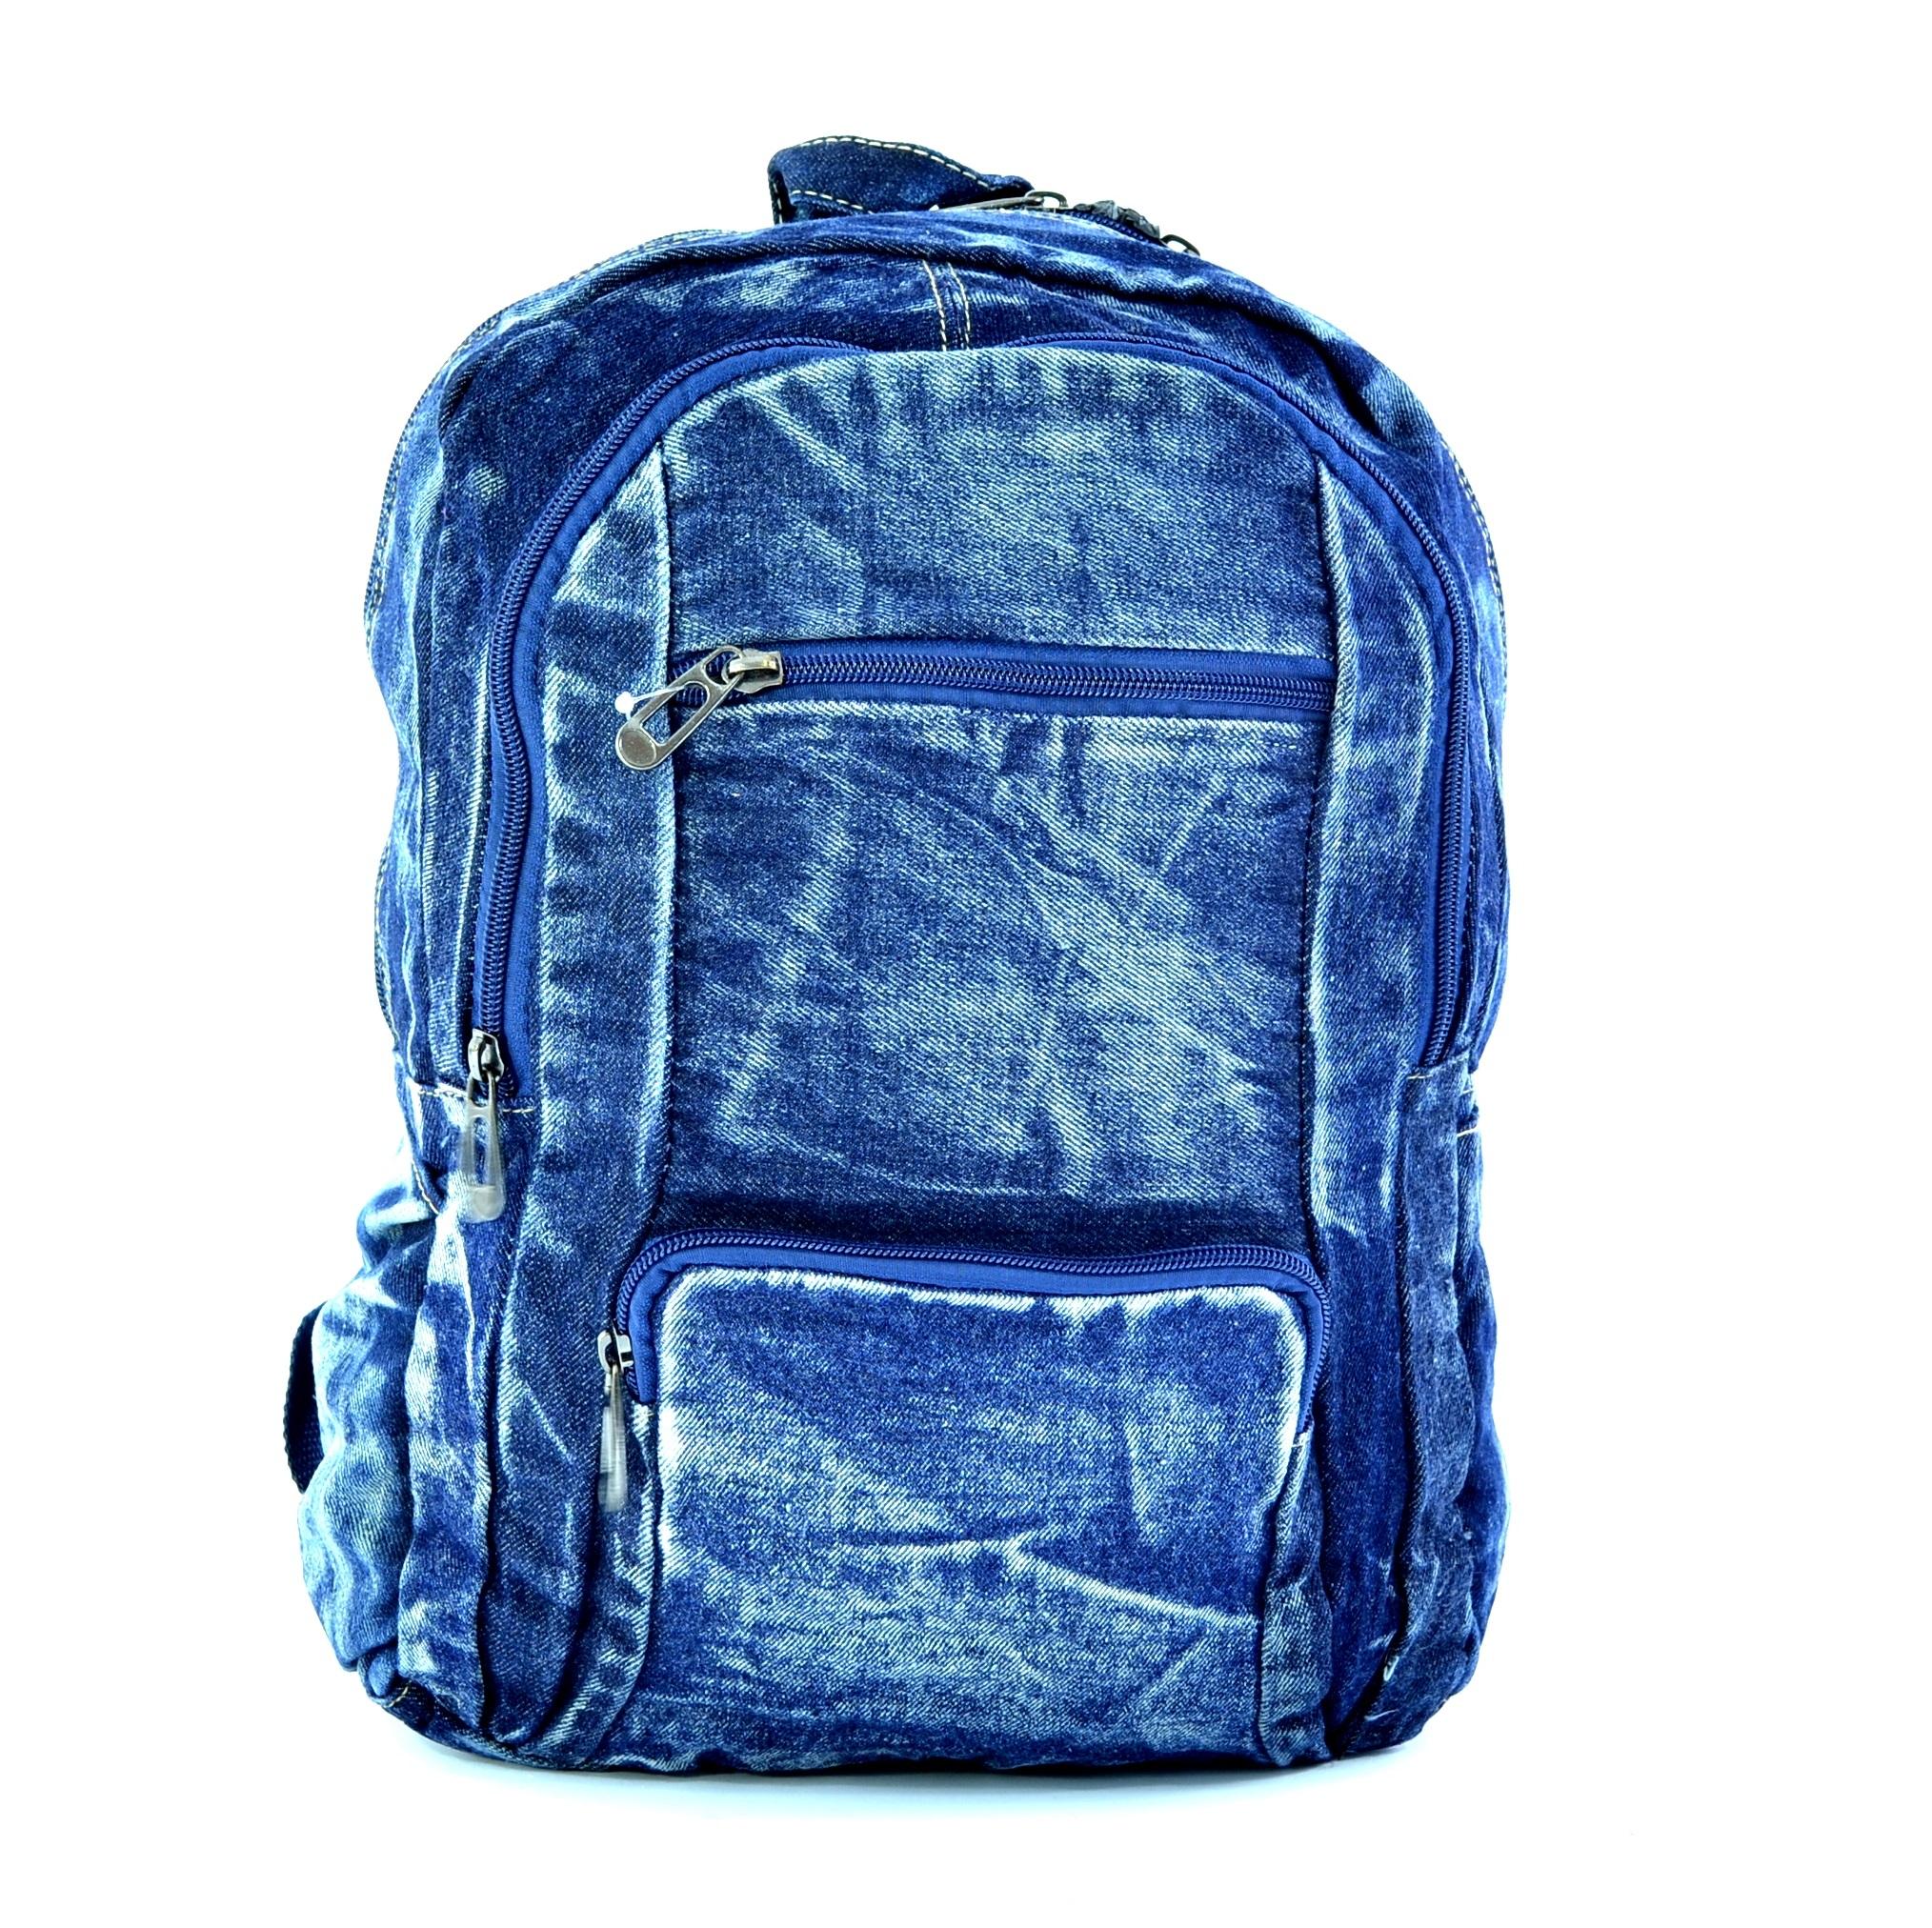 Лека дънкова раница 052 BLUE GIRL. Дамска раница за училище, спорт и туризъм